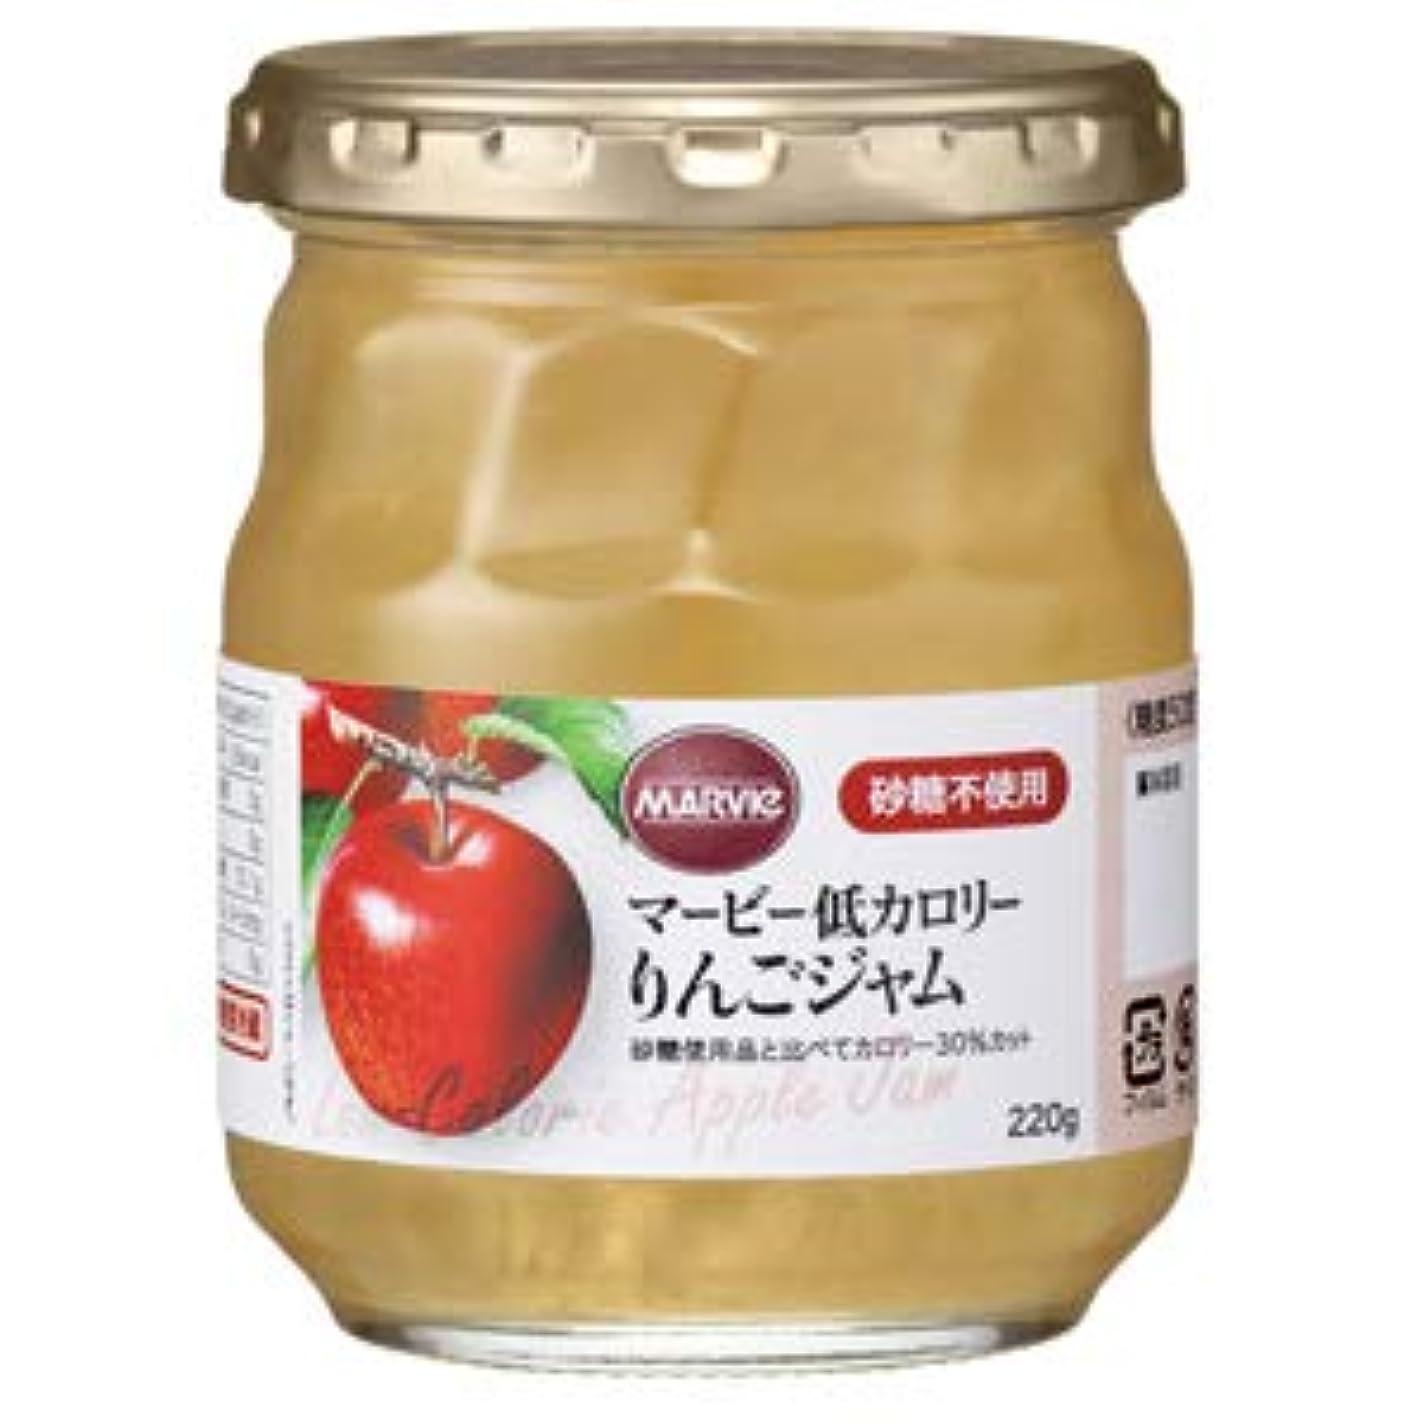 オゾン軌道大邸宅H+Bライフサイエンス マービー低カロリー りんごジャム 220g